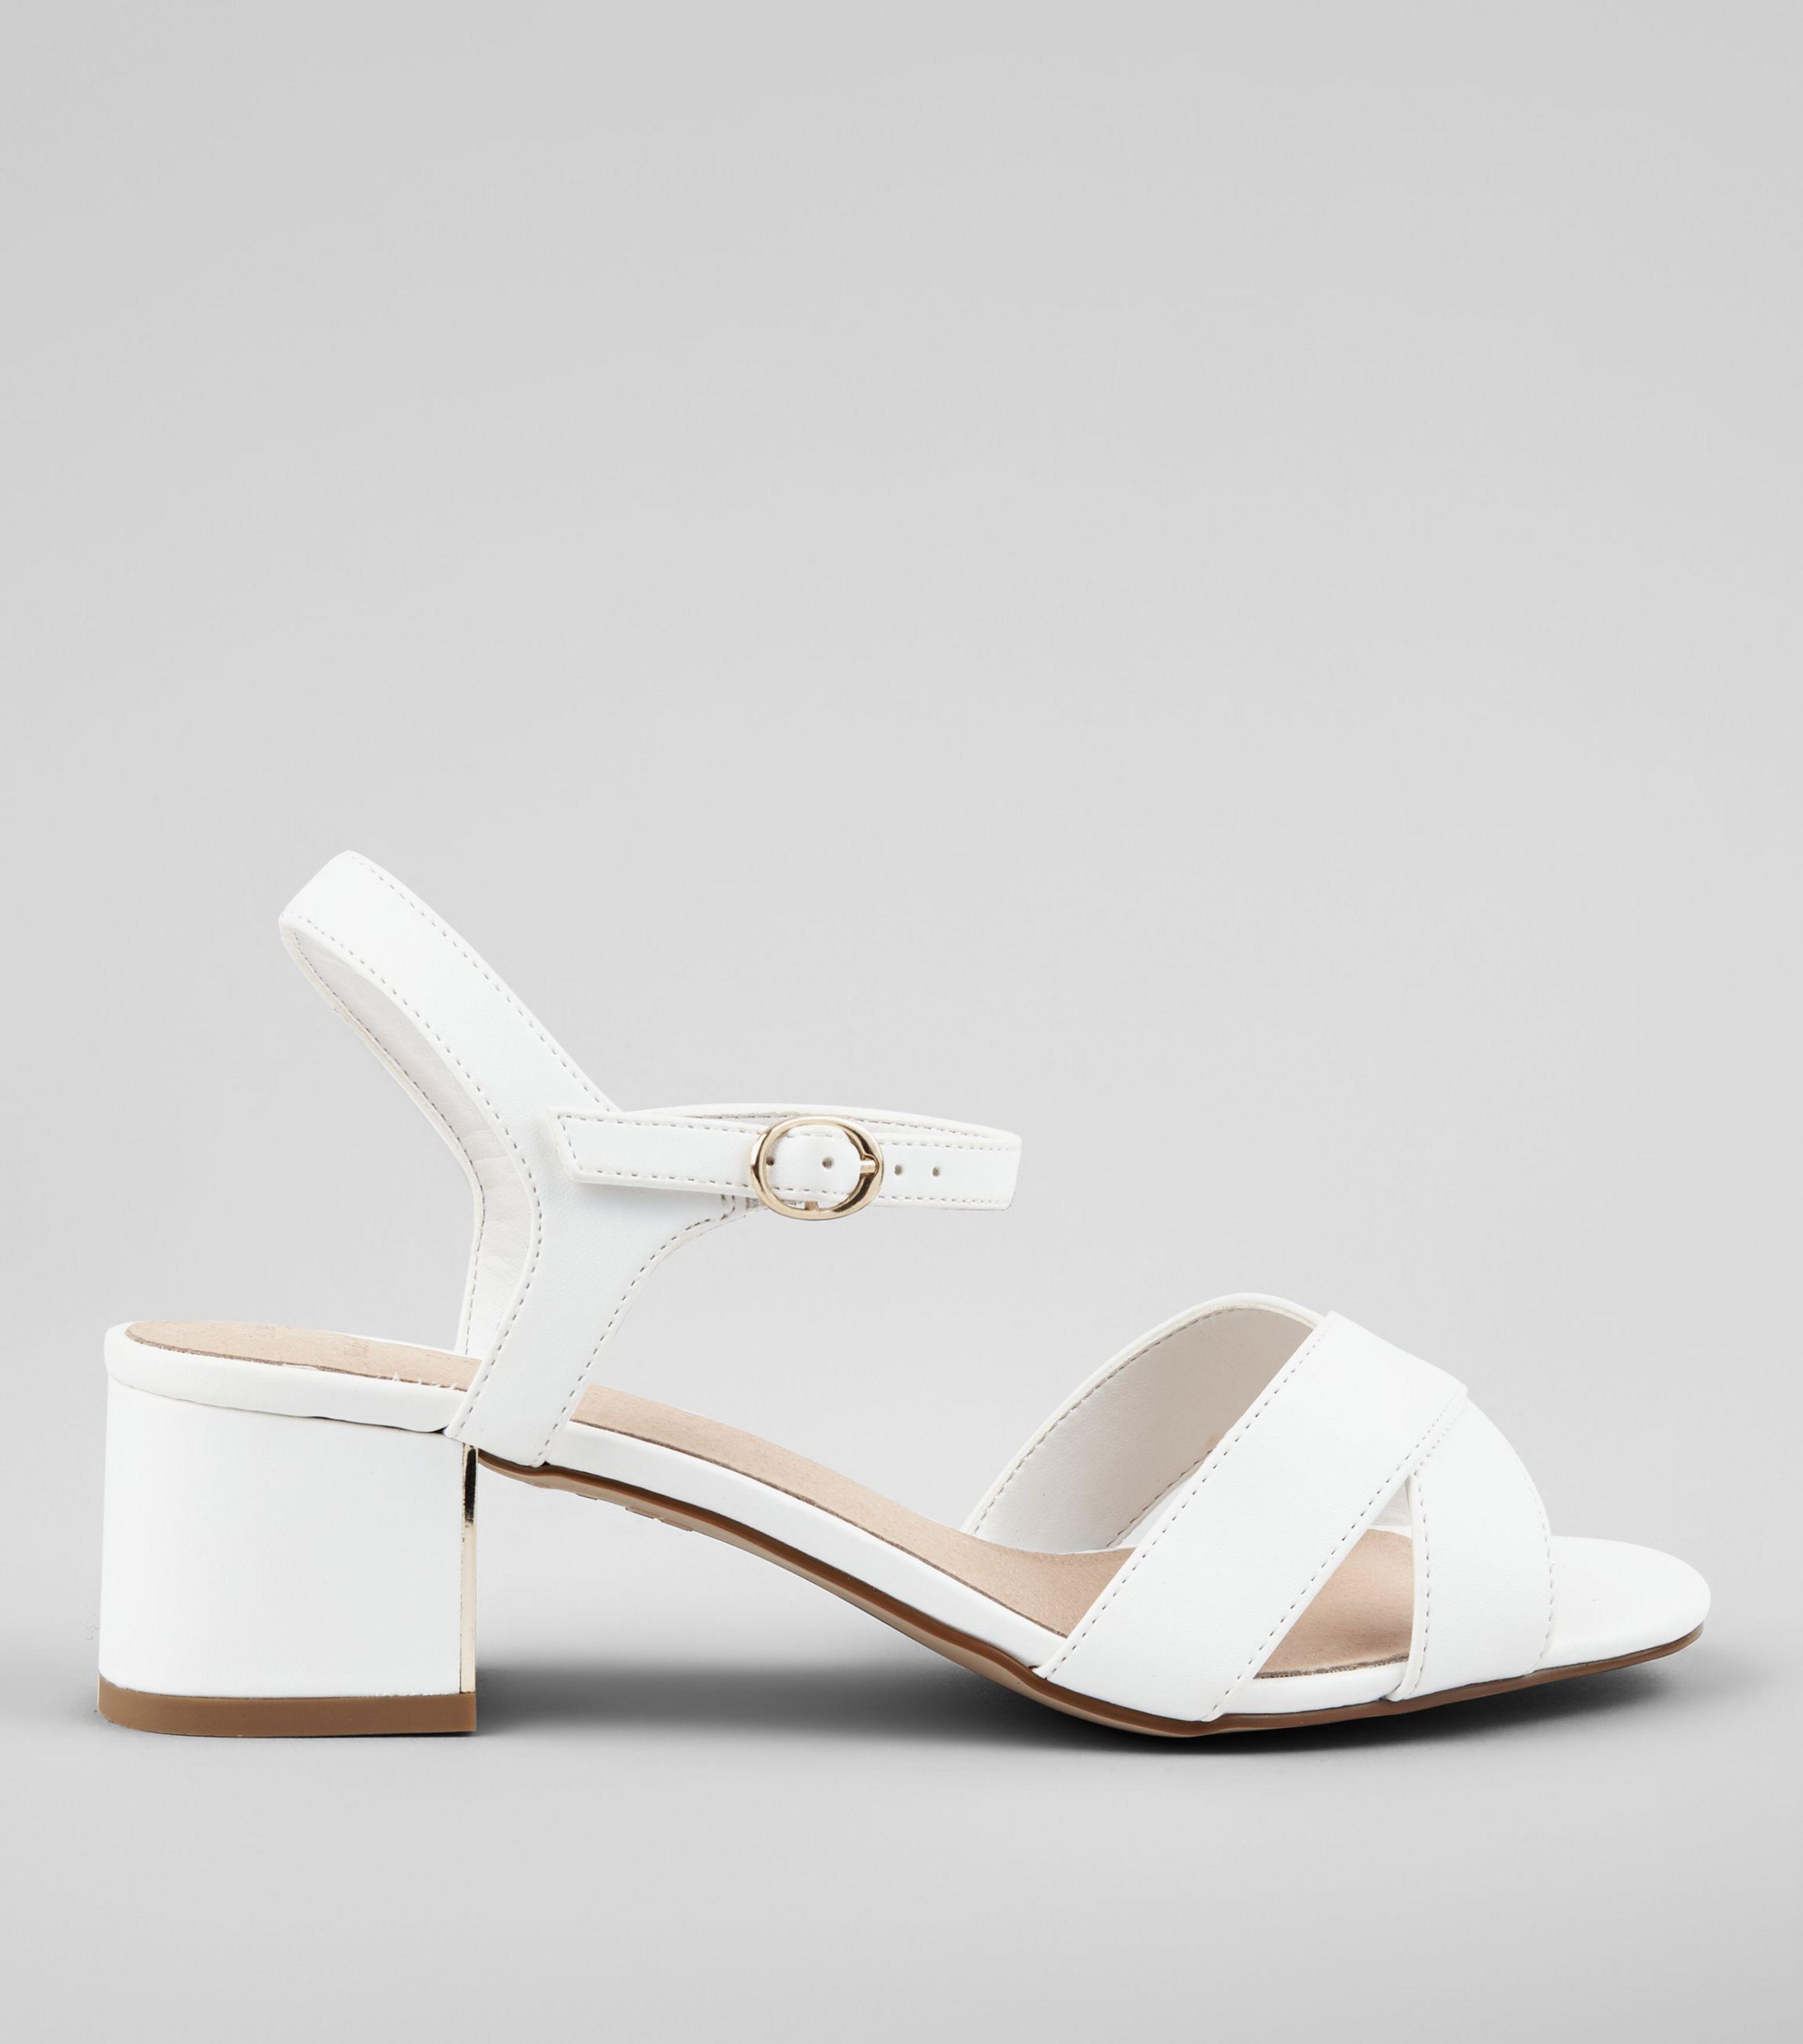 fd4fcb71939 New Look Wide Fit White Comfort Cross Strap Block Heel Sandals in ...